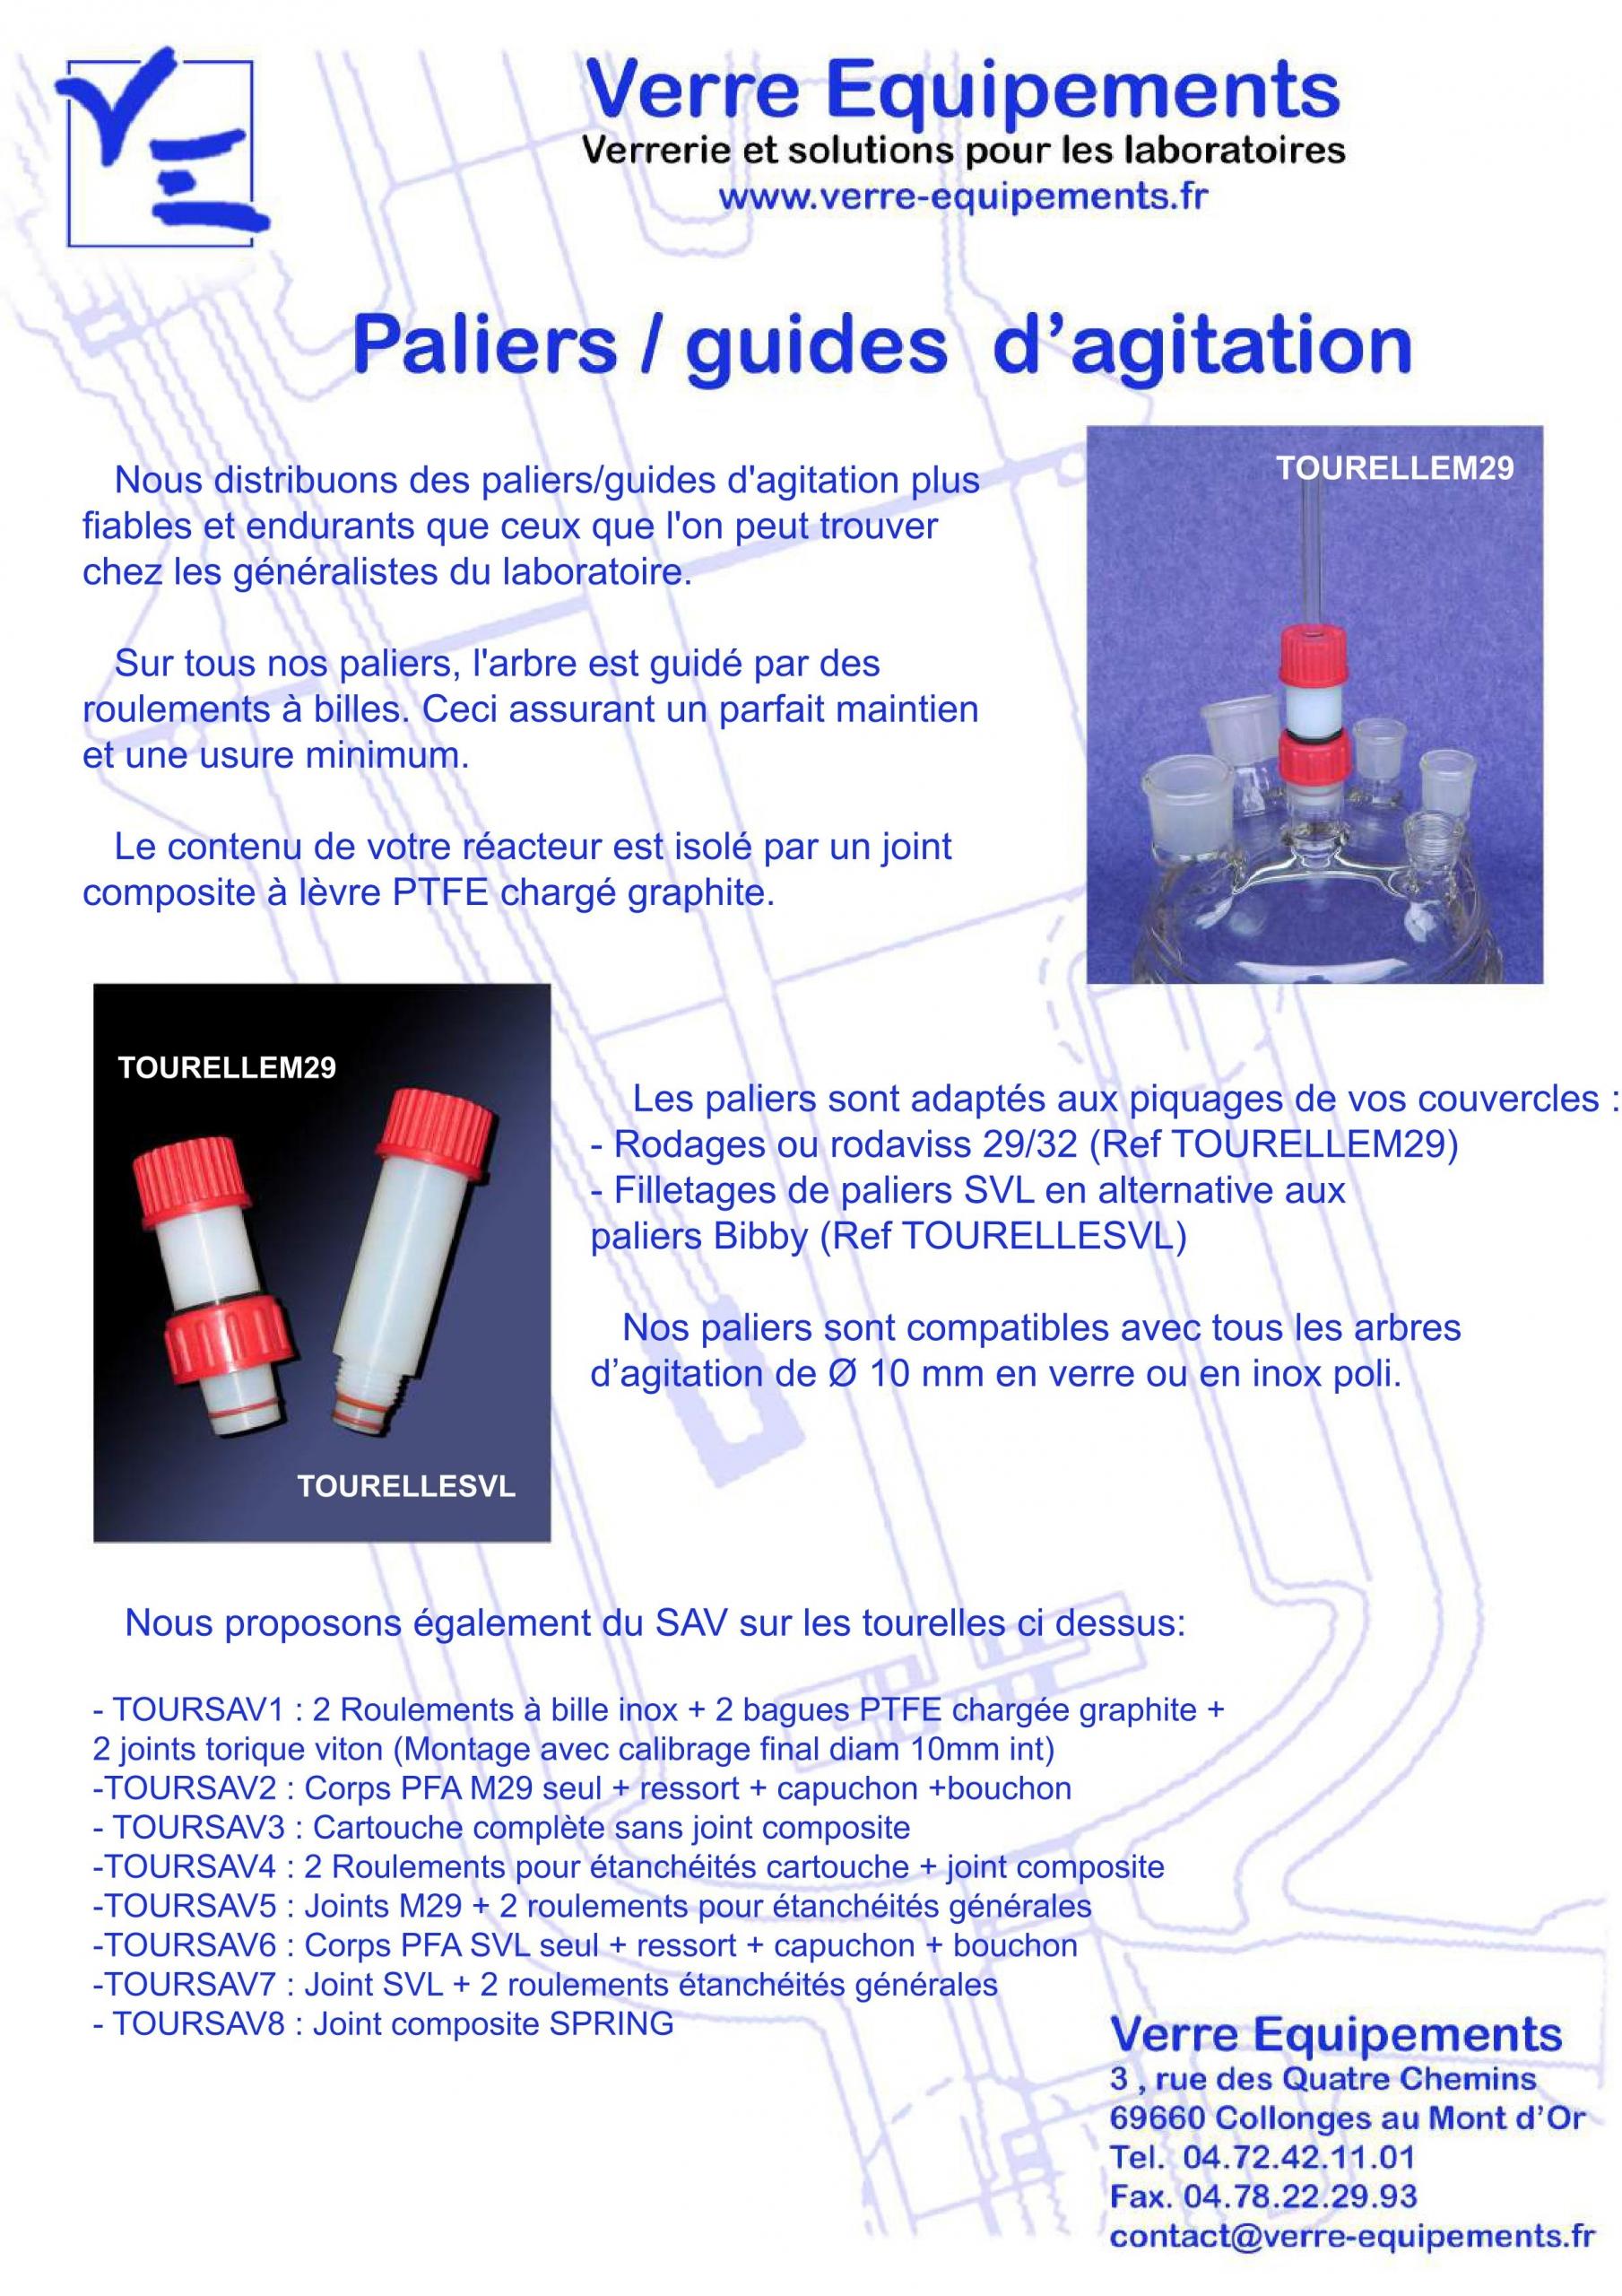 Tourelle Guide